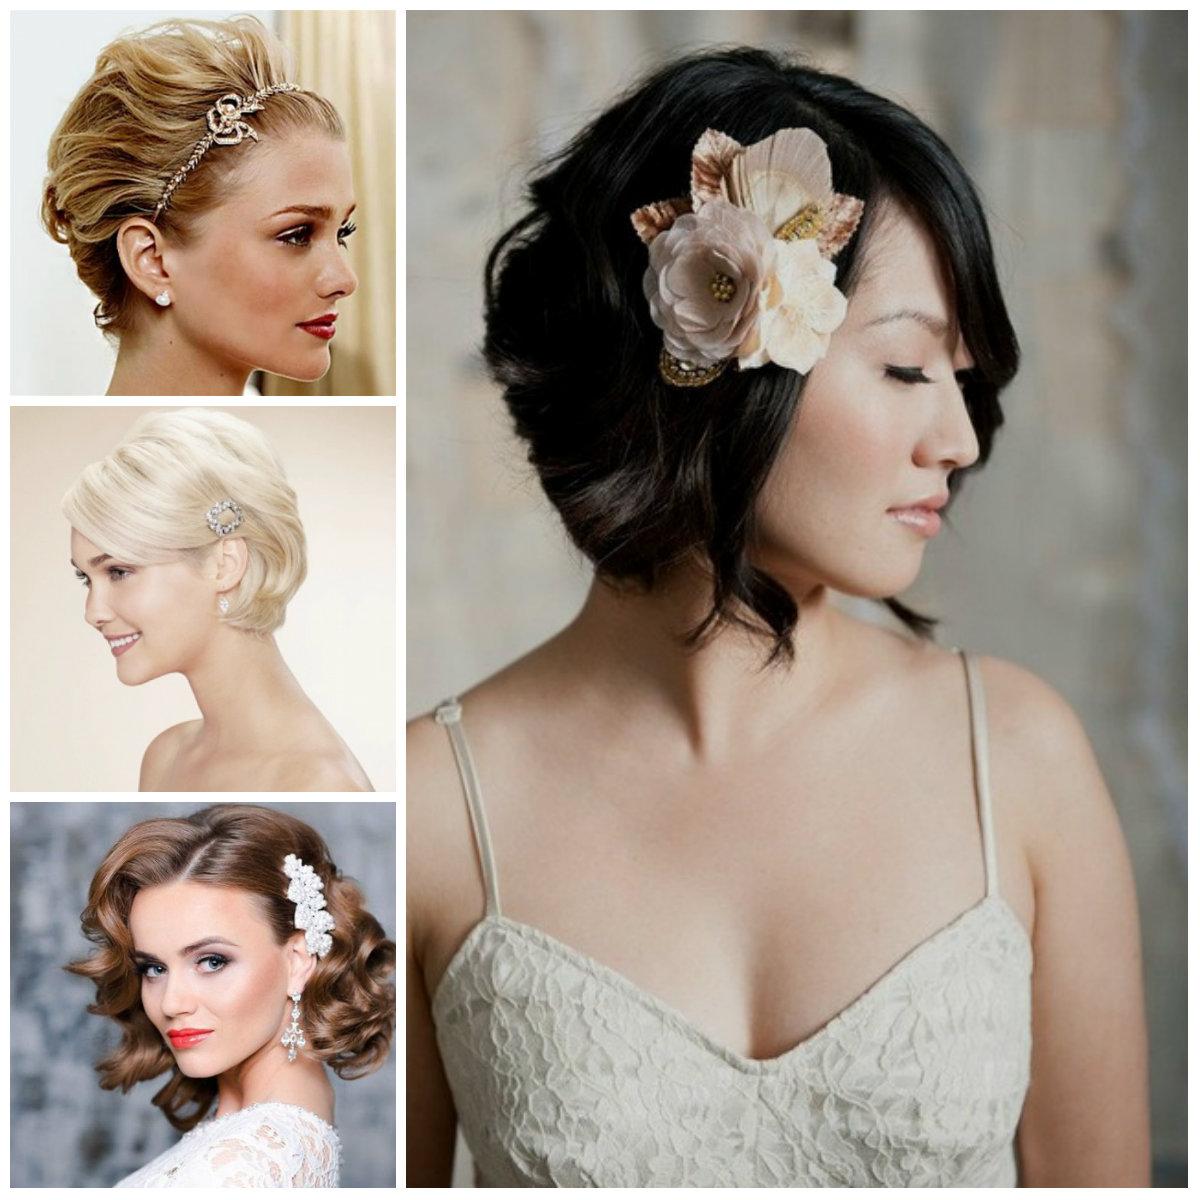 penteado curto casamento para fêmeas 2016